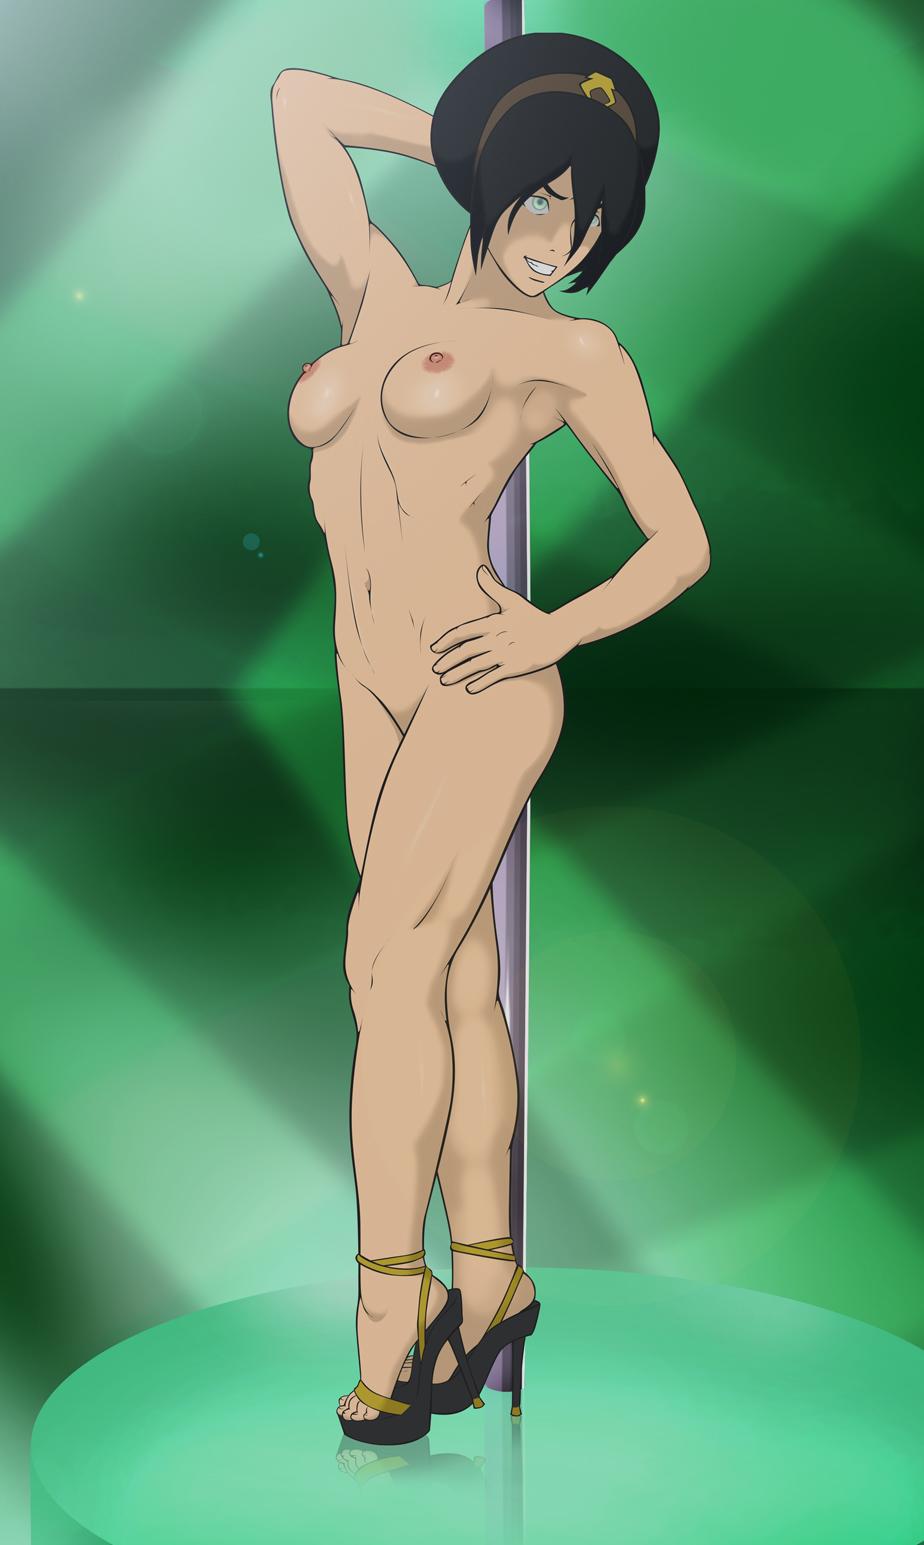 korra xxx of legend avatar Borderlands 2 krieg and maya